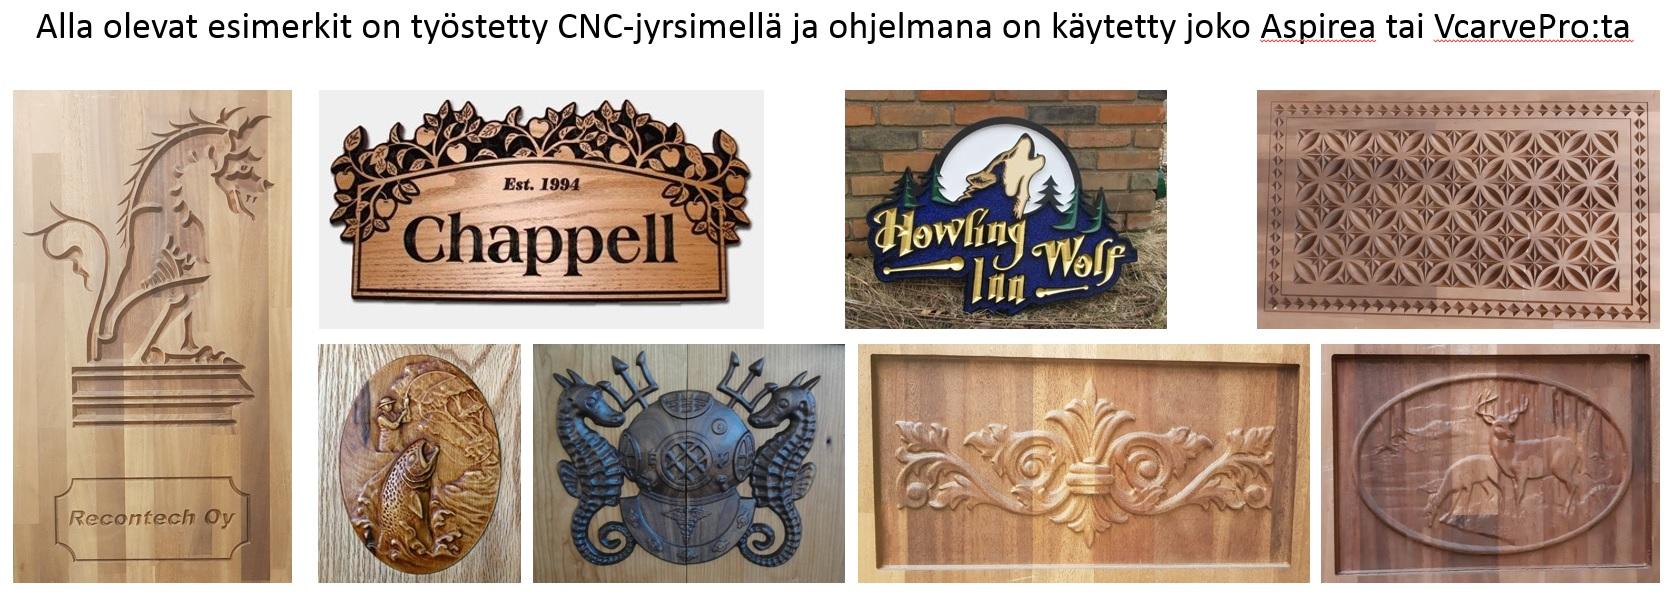 CNC-jyrsimellä tehtyjä esimerkkejä